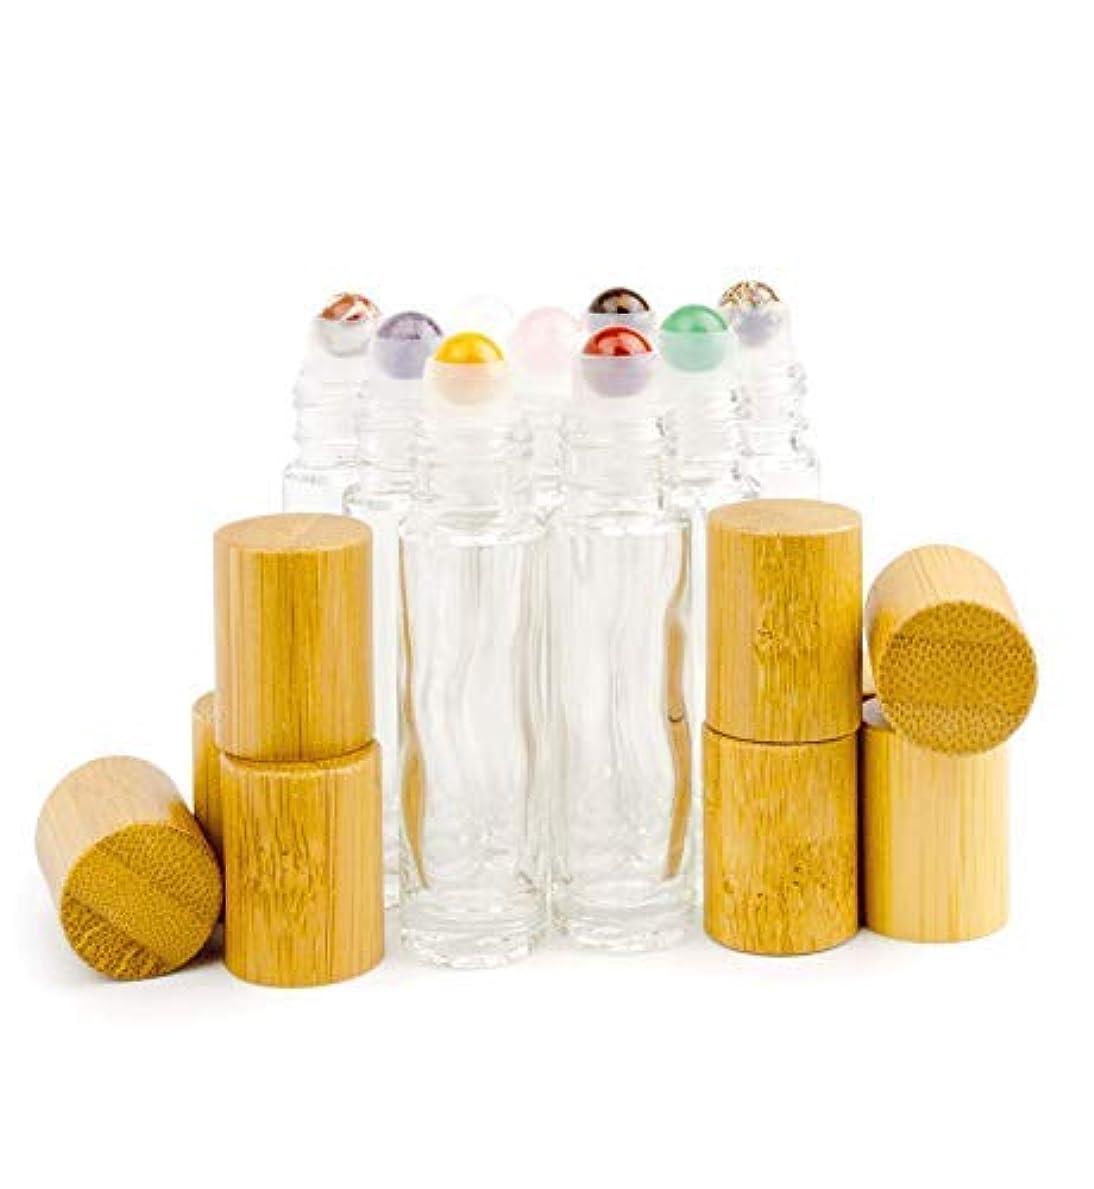 同級生好意瞑想Grand Parfums 9 Gemstone Crystal Roller Tops in 10ml Clear Glass Bottles, with Natural Bamboo Caps for Essential...